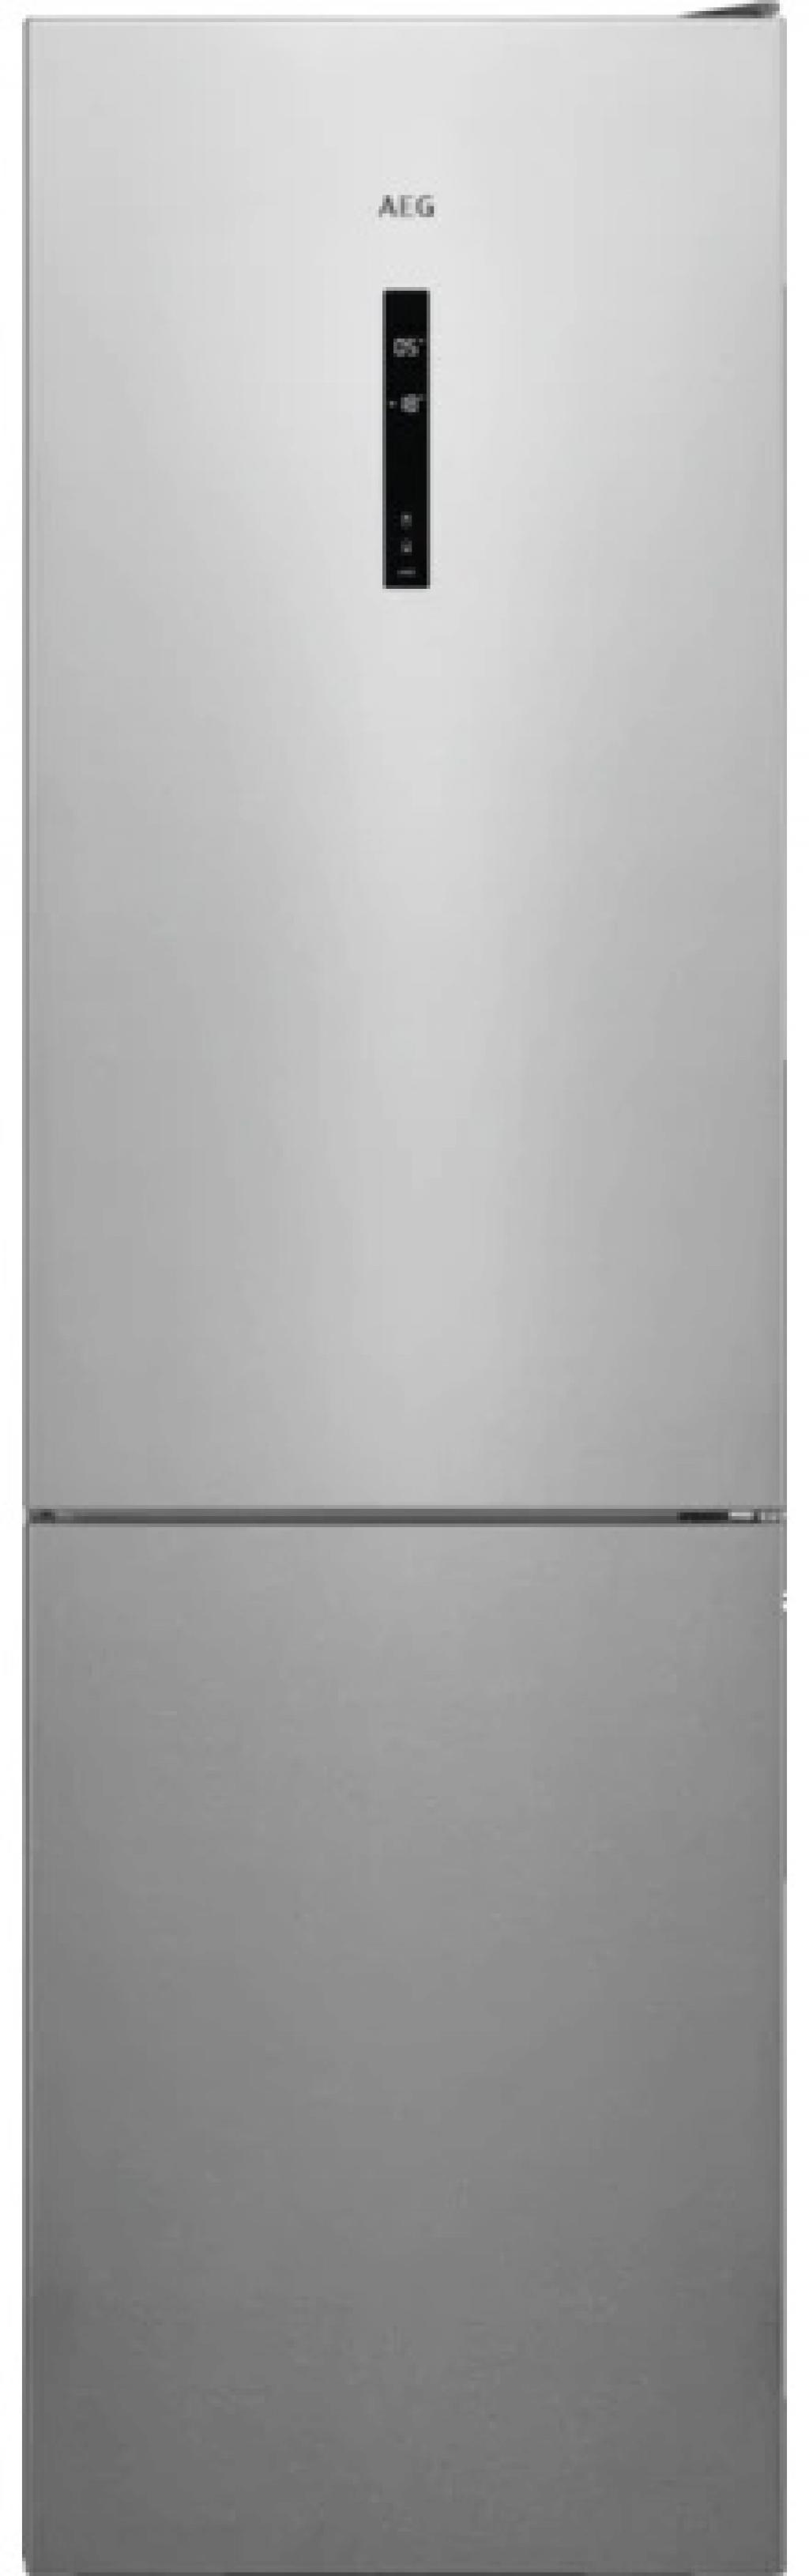 Хладилник с фризер AEG RCB736E5MX